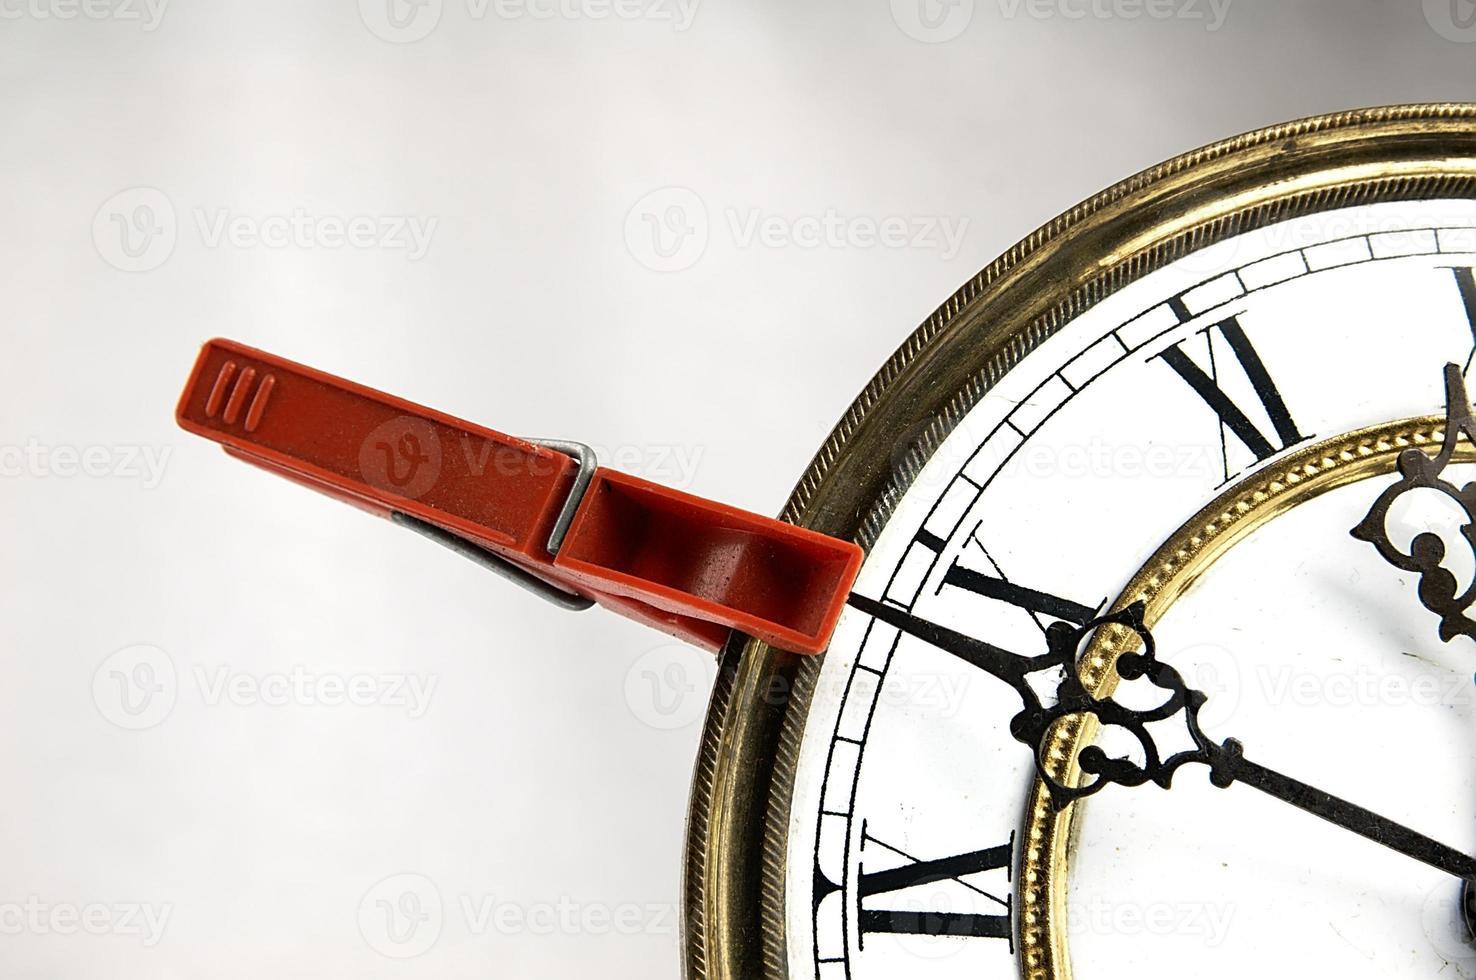 Wäscheklammer stoppt die Uhr foto